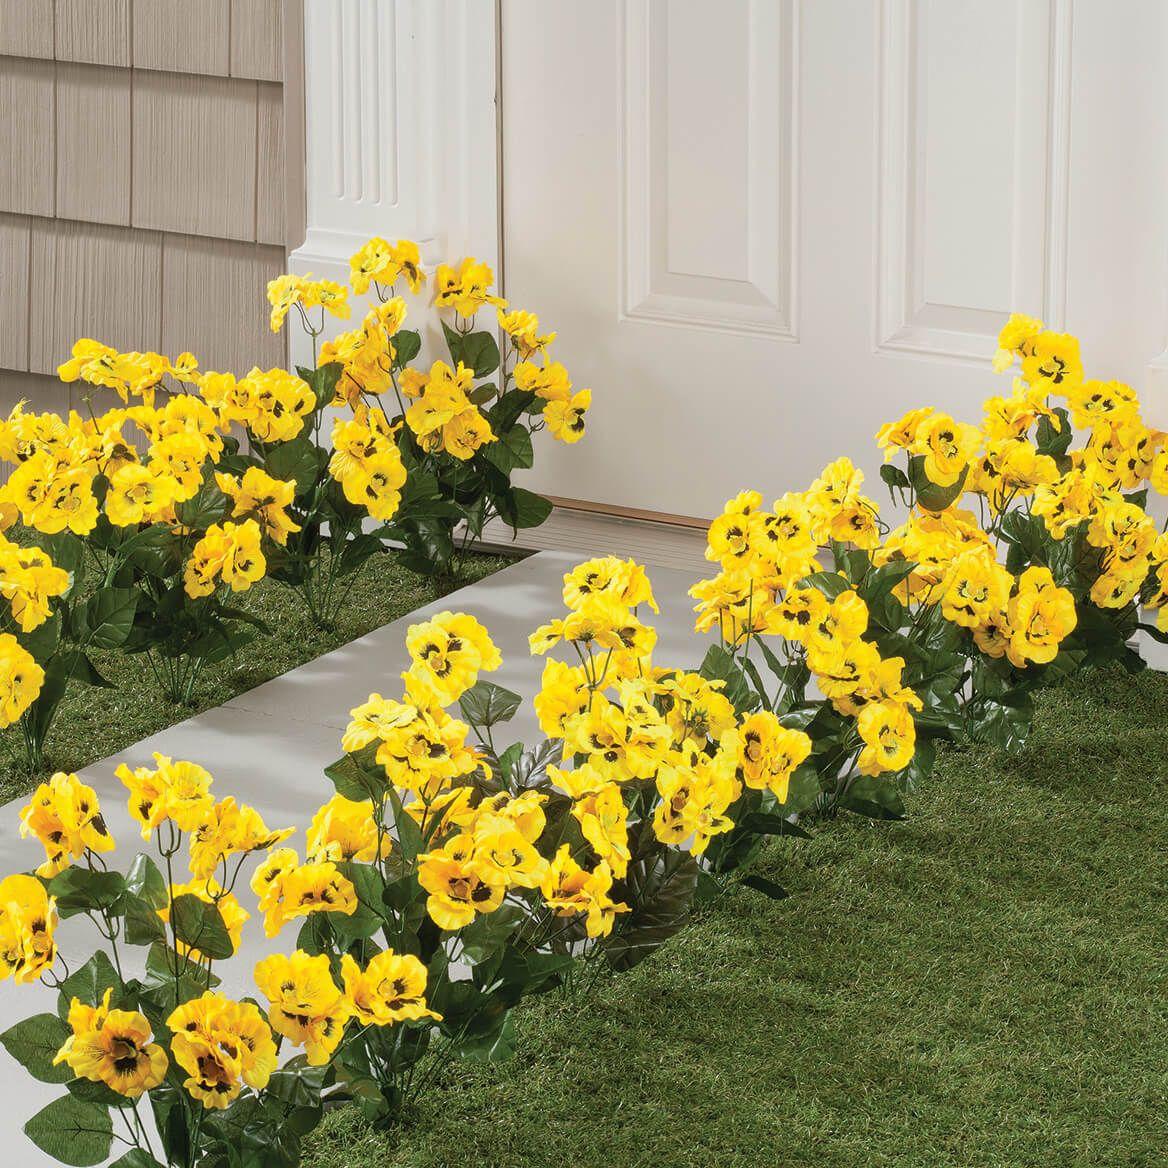 All-Weather Yellow Pansy Bush by OakRidge™-348131